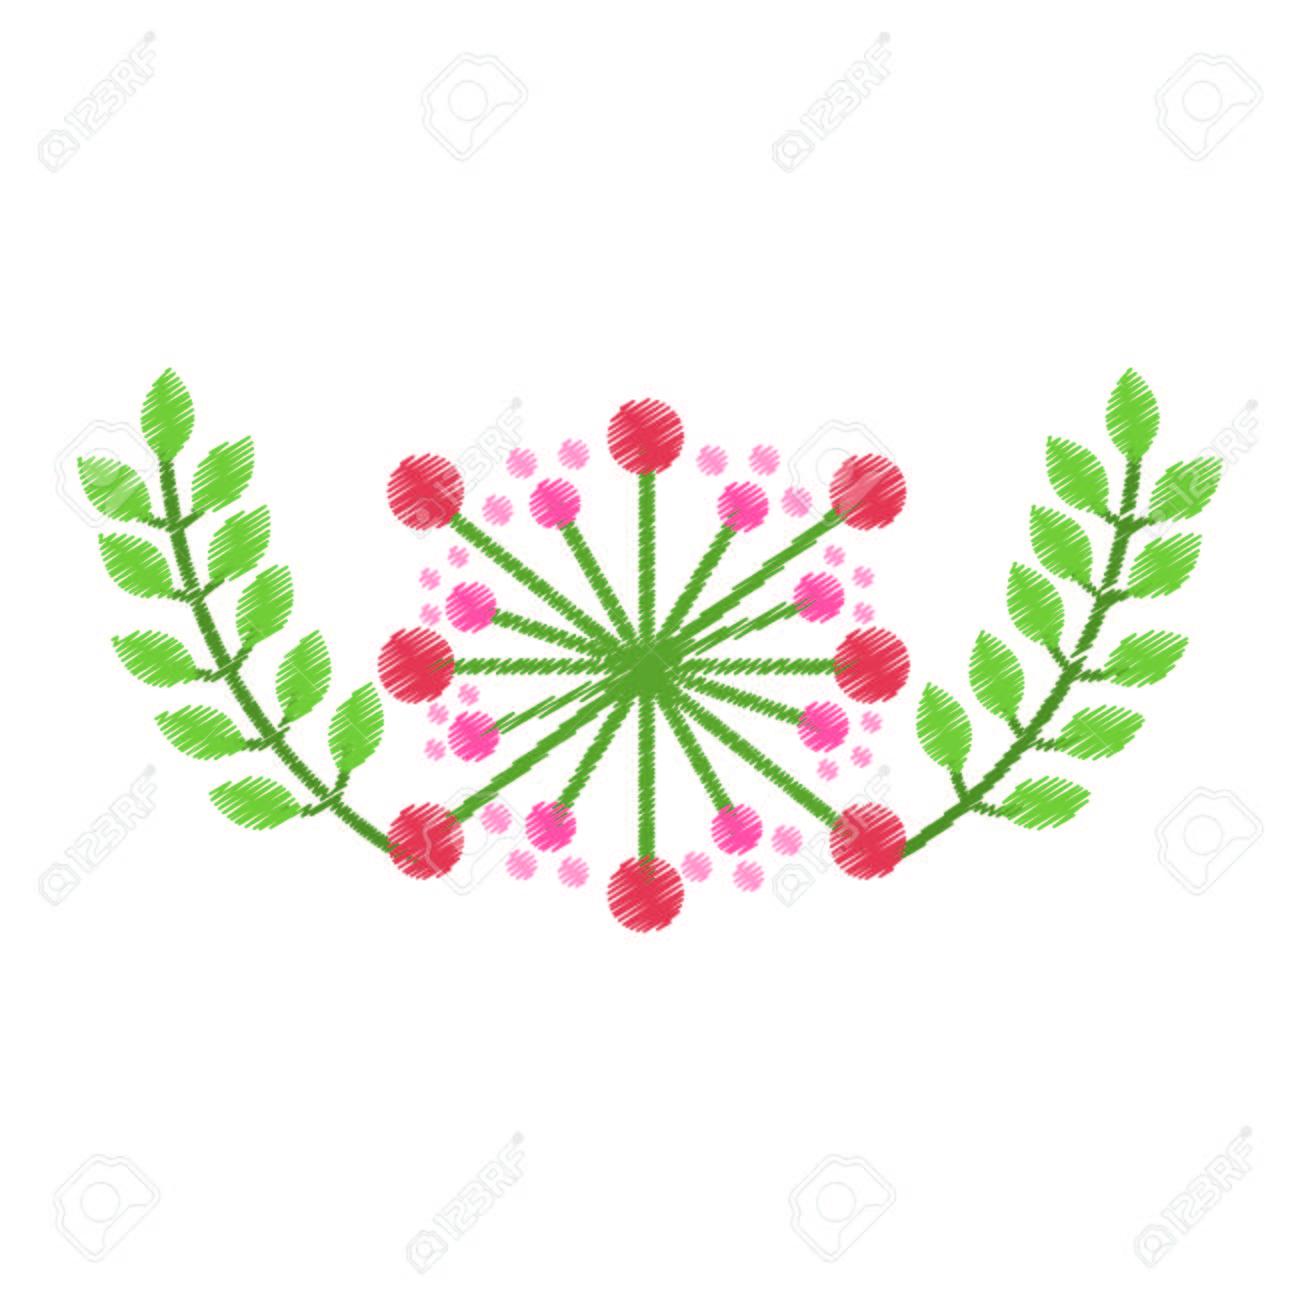 かわいい花装飾アイコン ベクトル イラスト デザインのイラスト素材